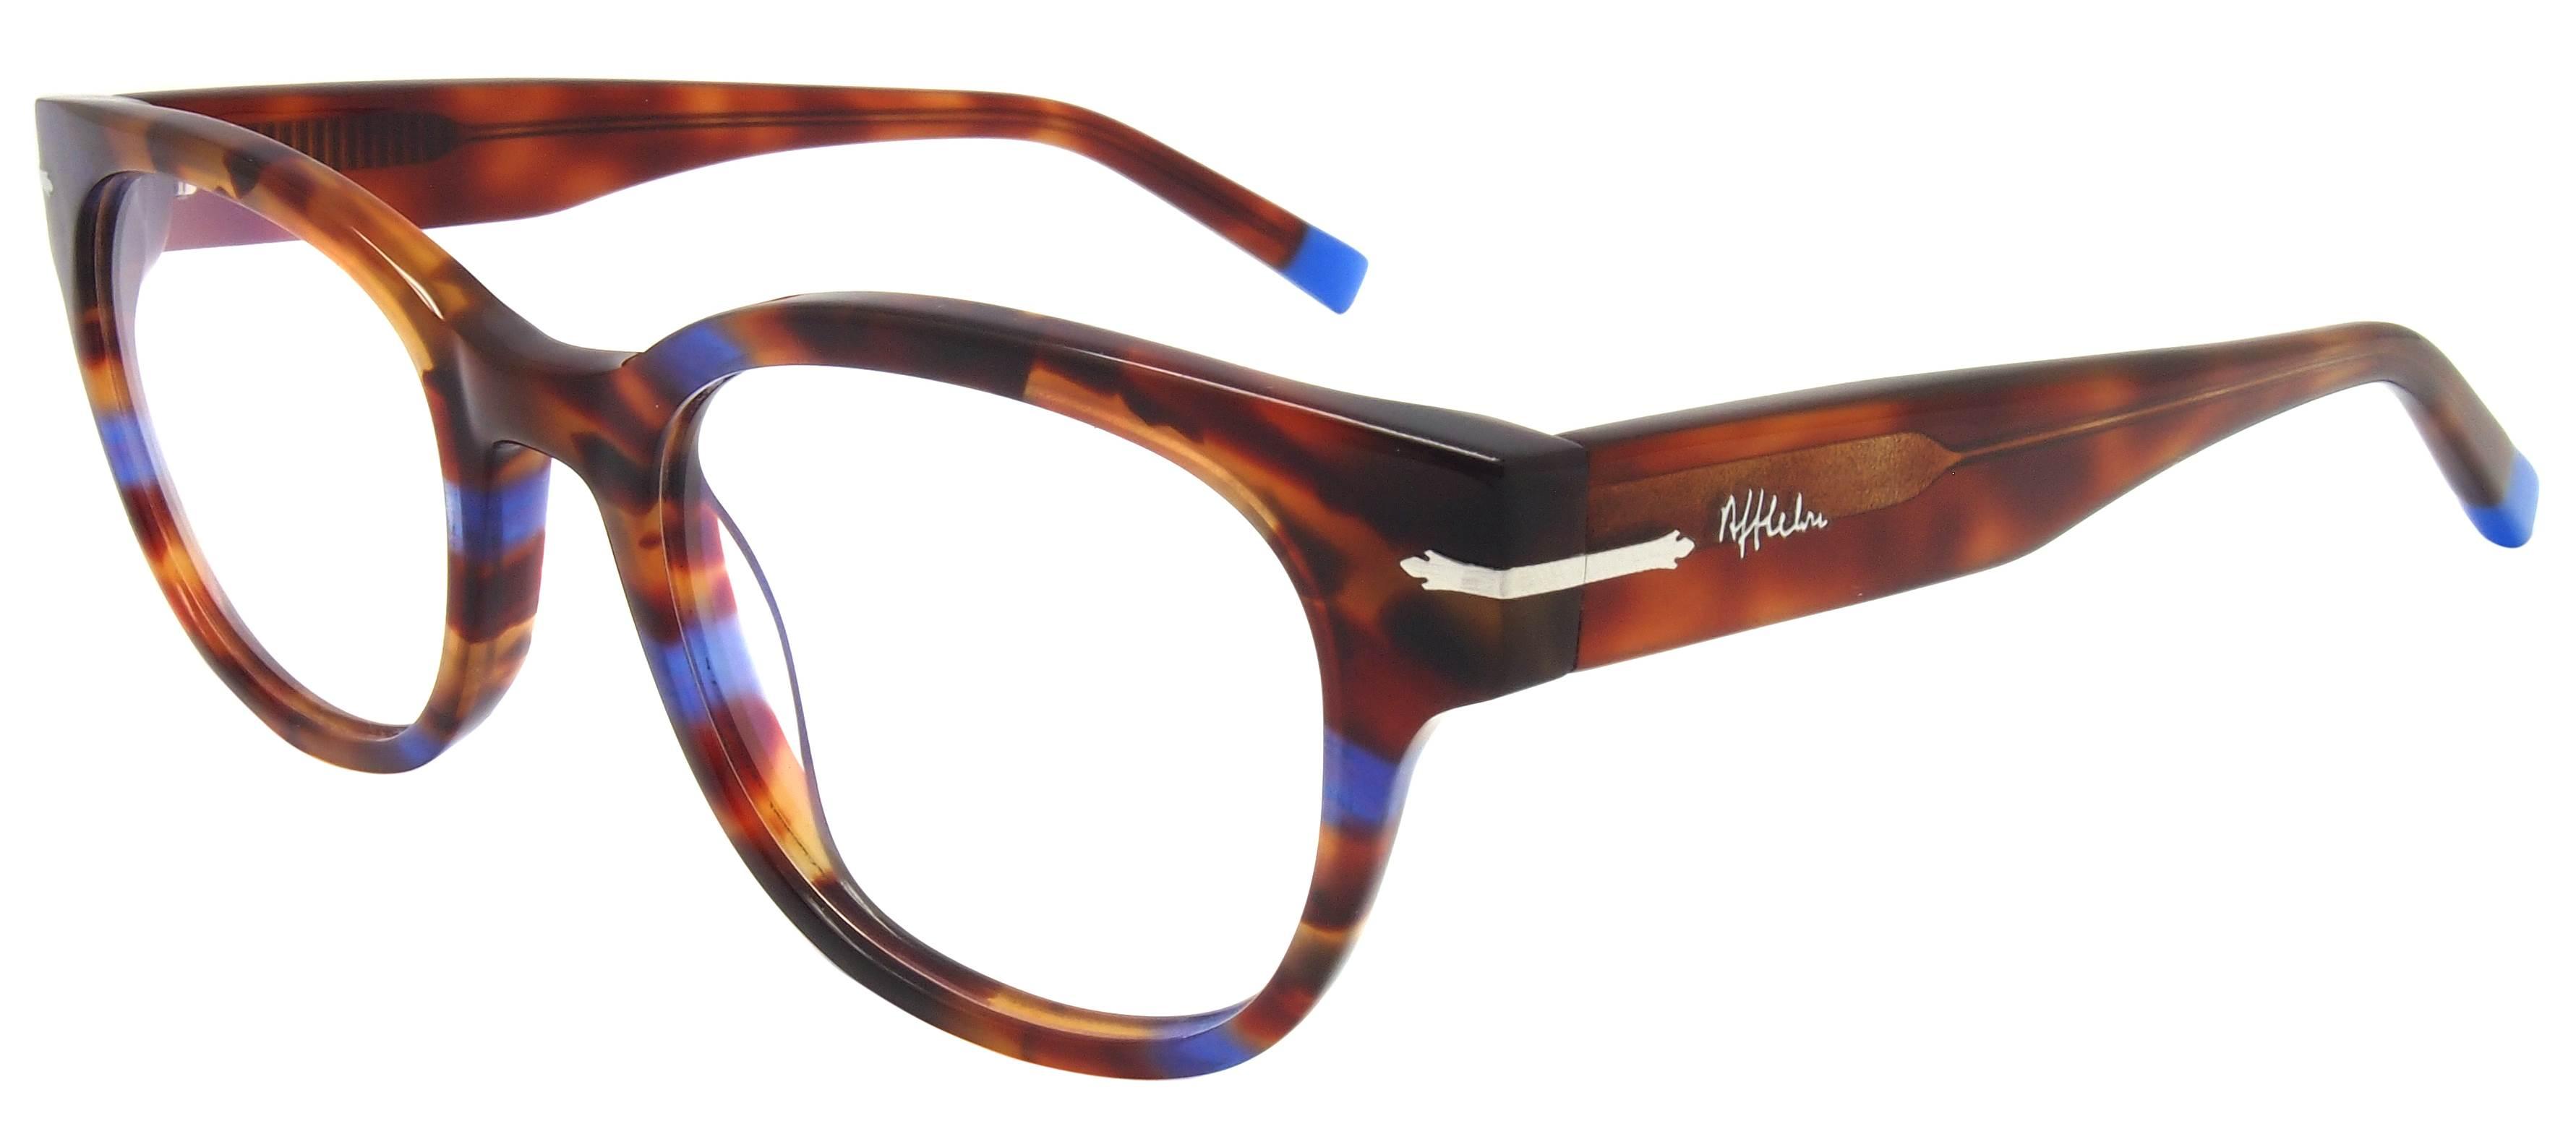 essayage virtuel lunettes krys Les actions de la fondation krys group sont : elle collecte des lunettes optiques et solaires pour équiper les populations défavorisées essayage virtuel.